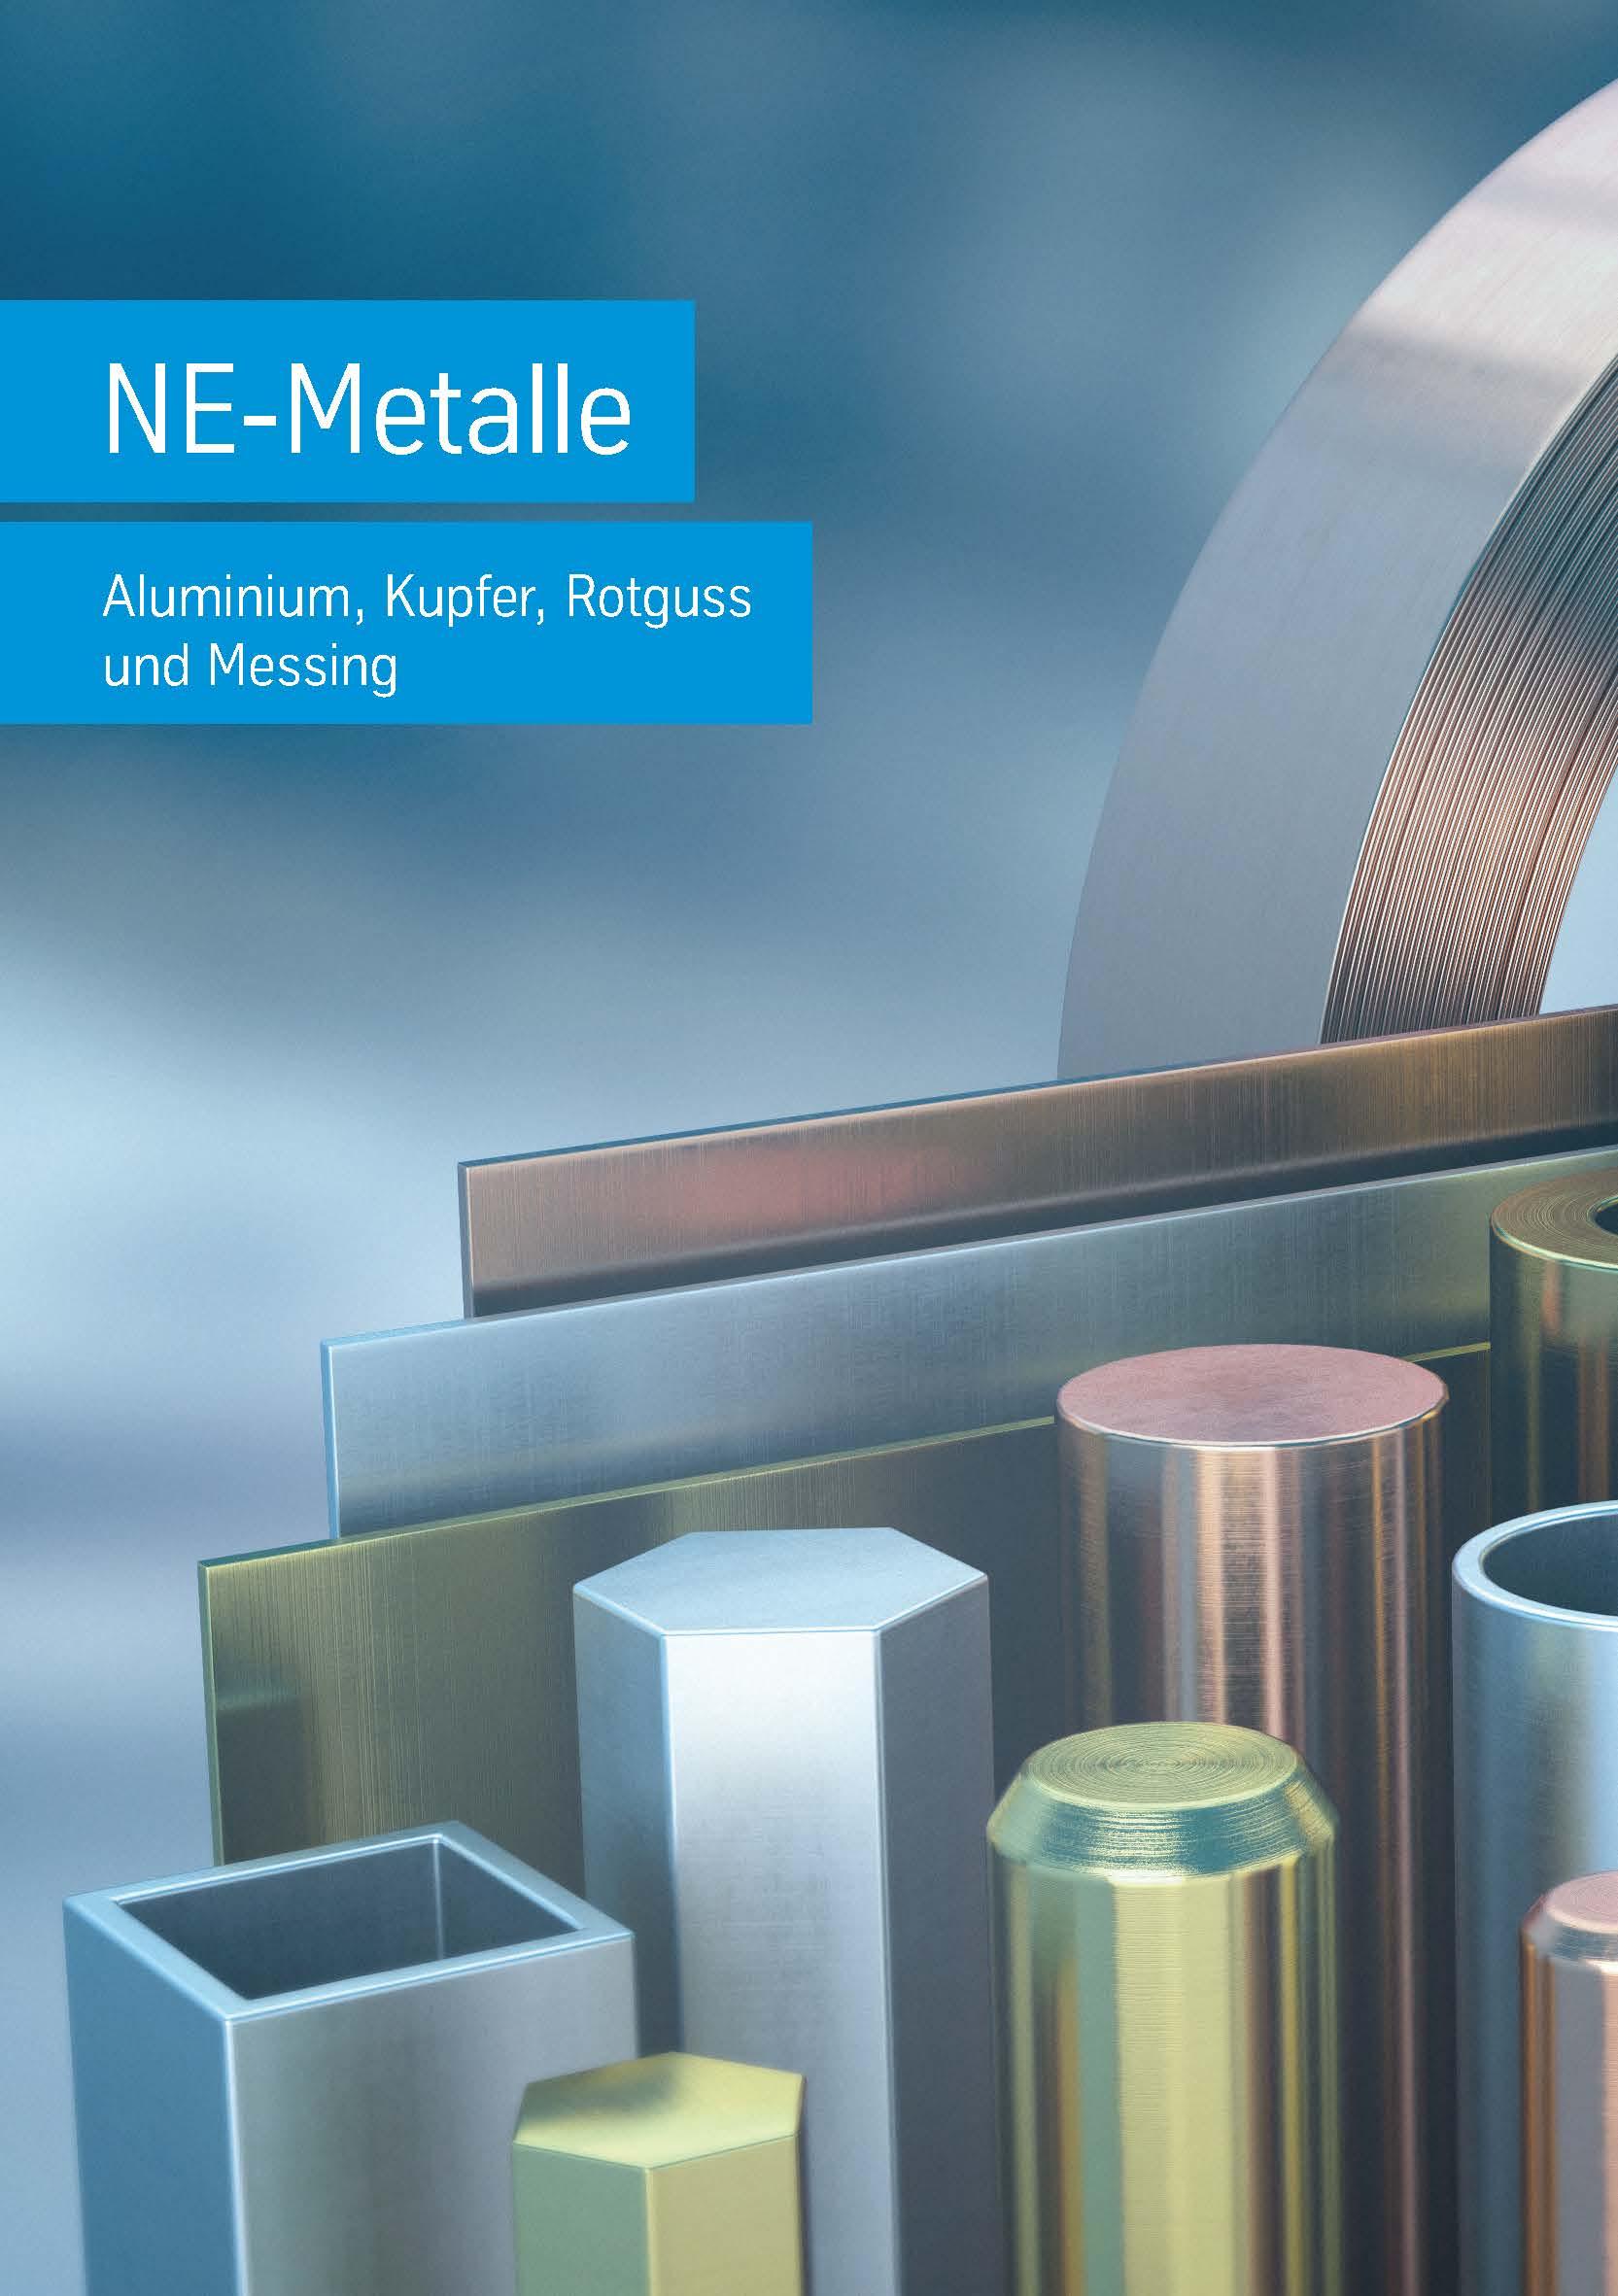 Werkstoffhandbuch NE-Metalle